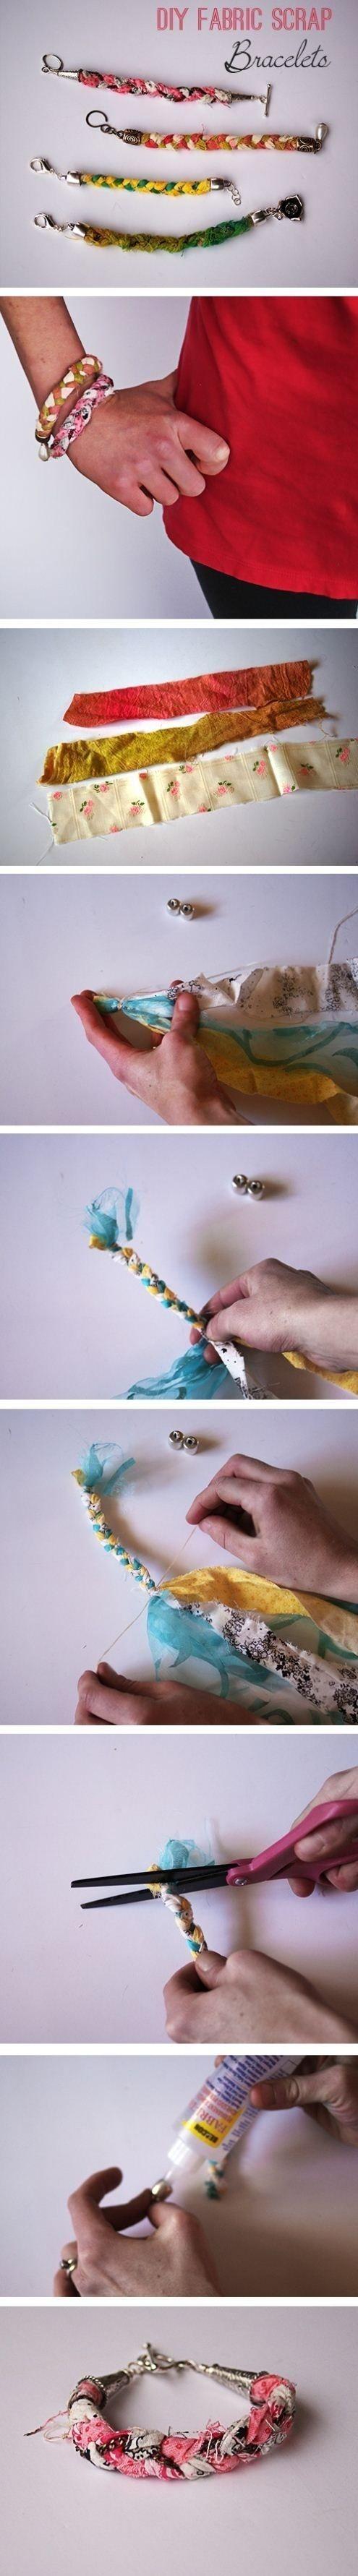 DIY Fabric Scrap Bracelets diy crafts craft ideas easy crafts diy ideas crafty easy diy kids crafts diy jewelry diy bracelet craft bracelet jewelry diy kids craft